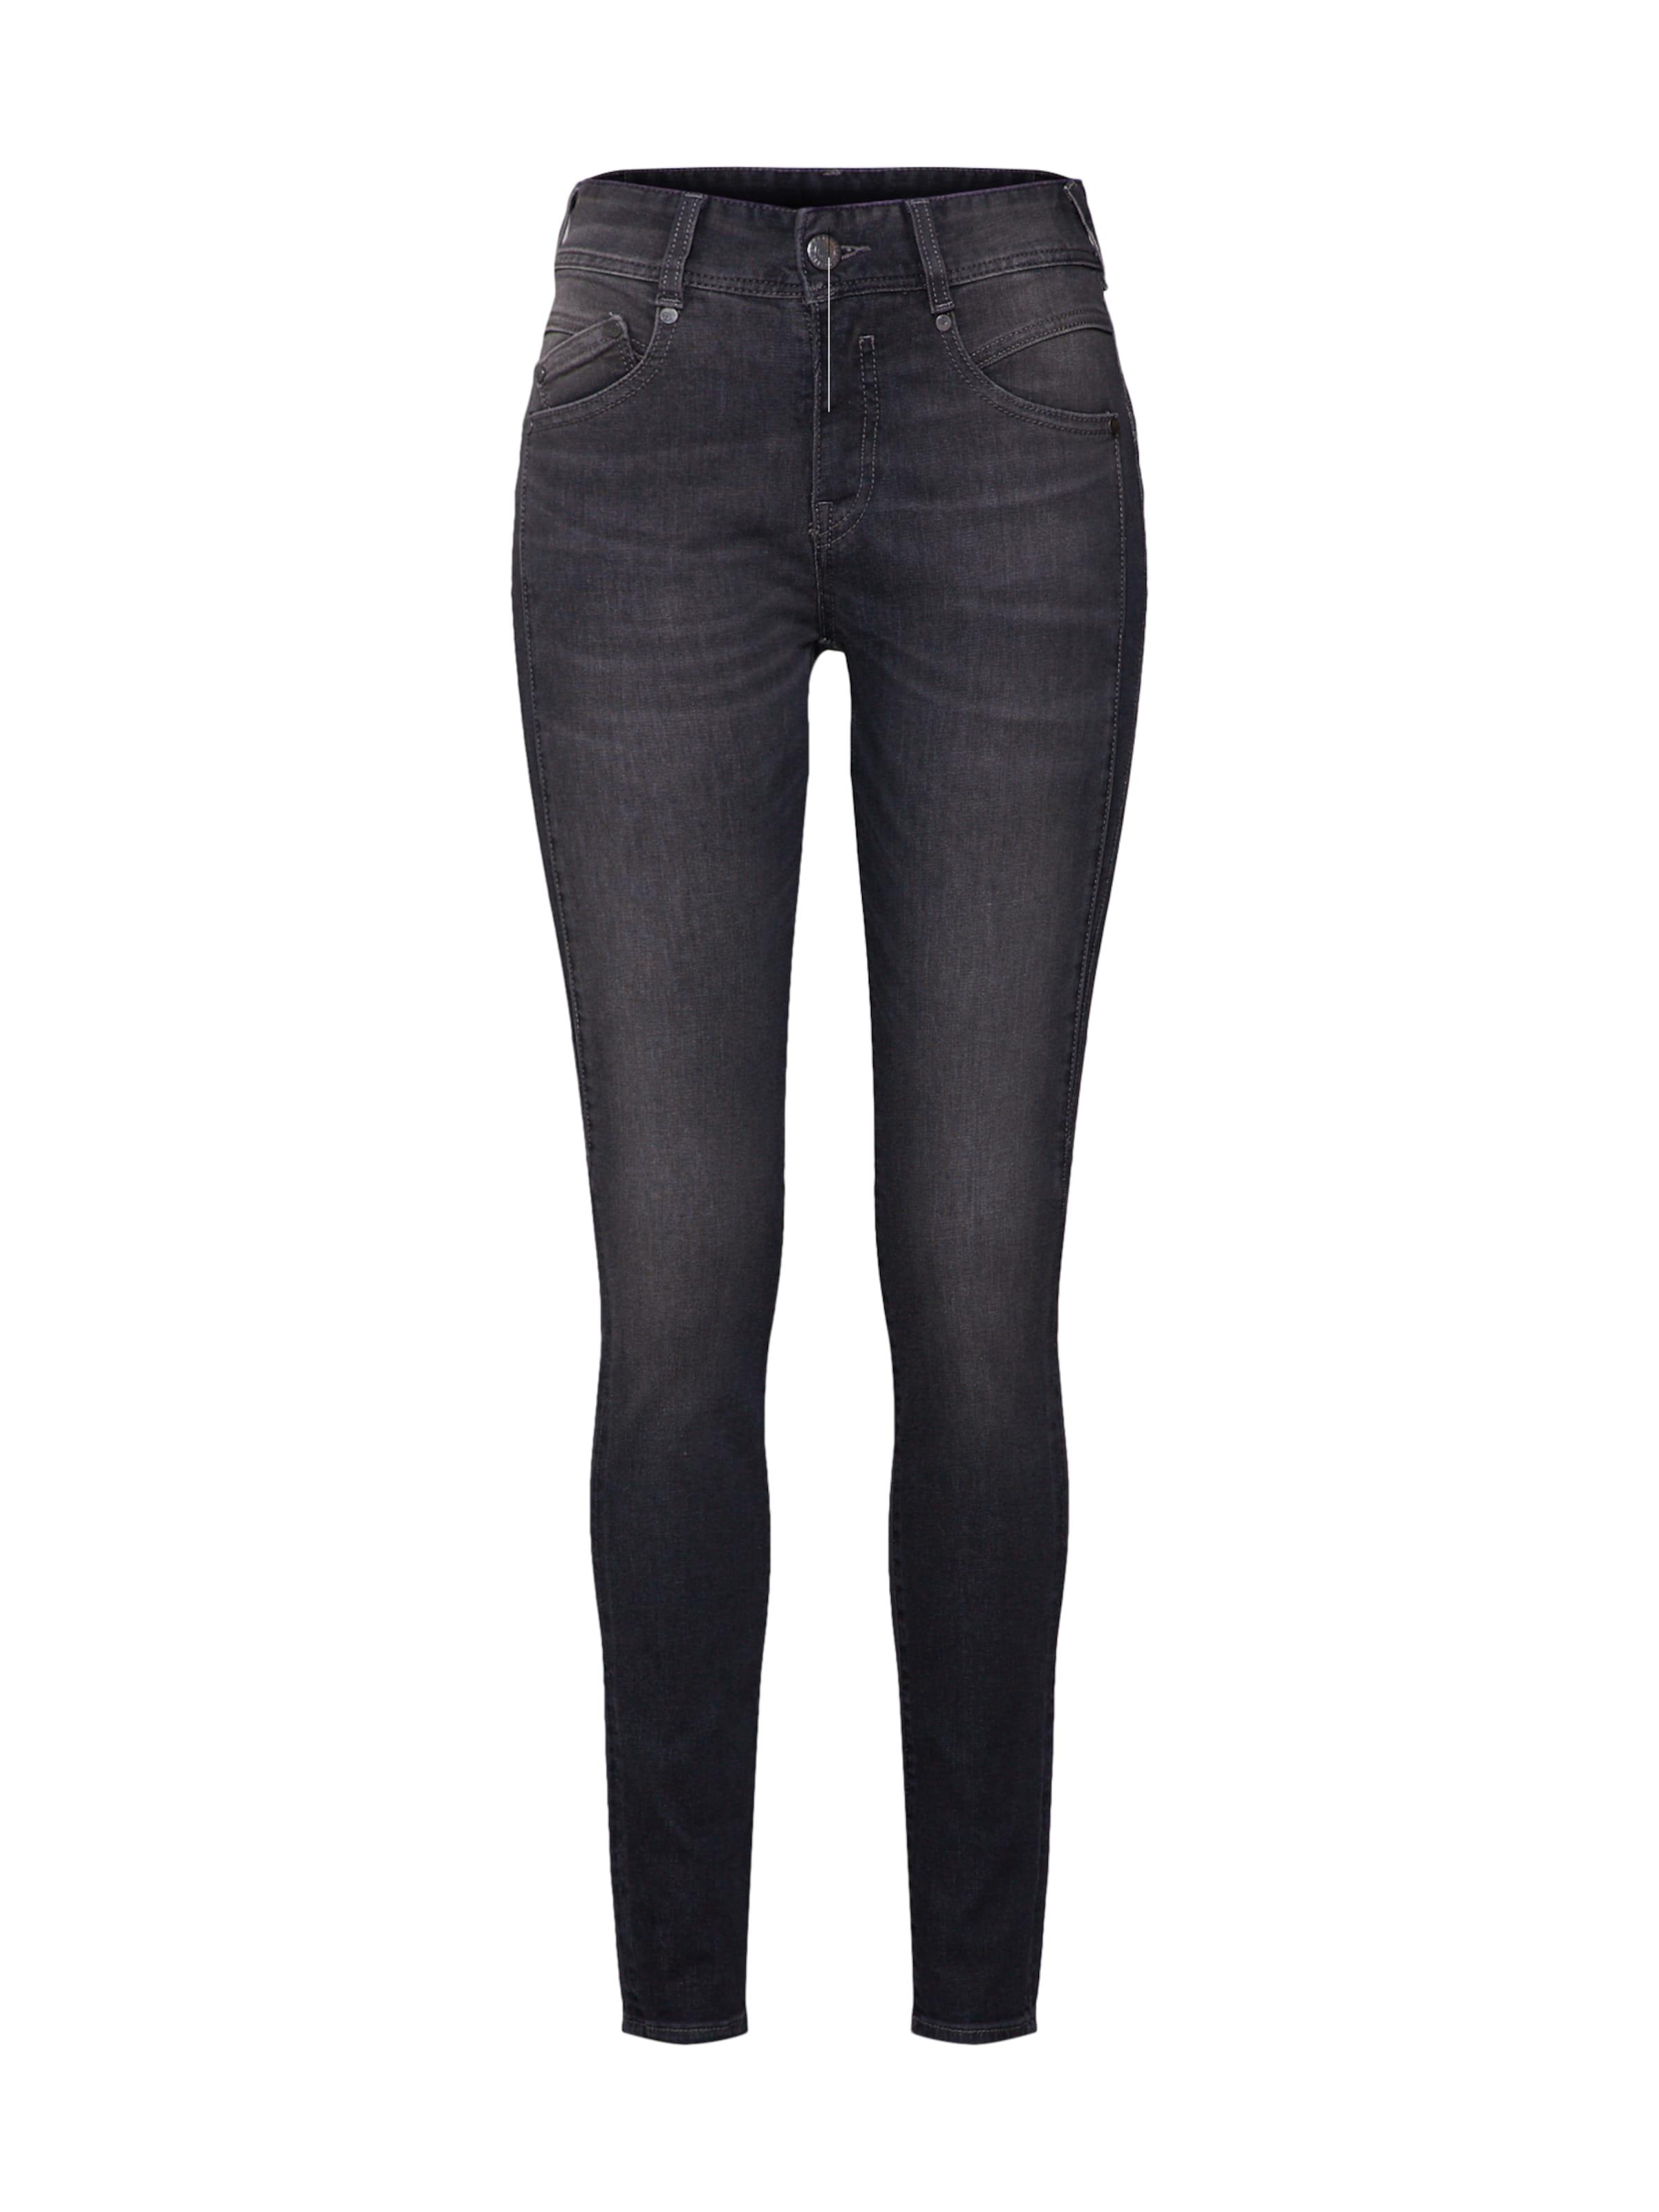 'gila' 'gila' Schwarz Jeans In Herrlicher Schwarz In Herrlicher Jeans 8nPNZX0wOk